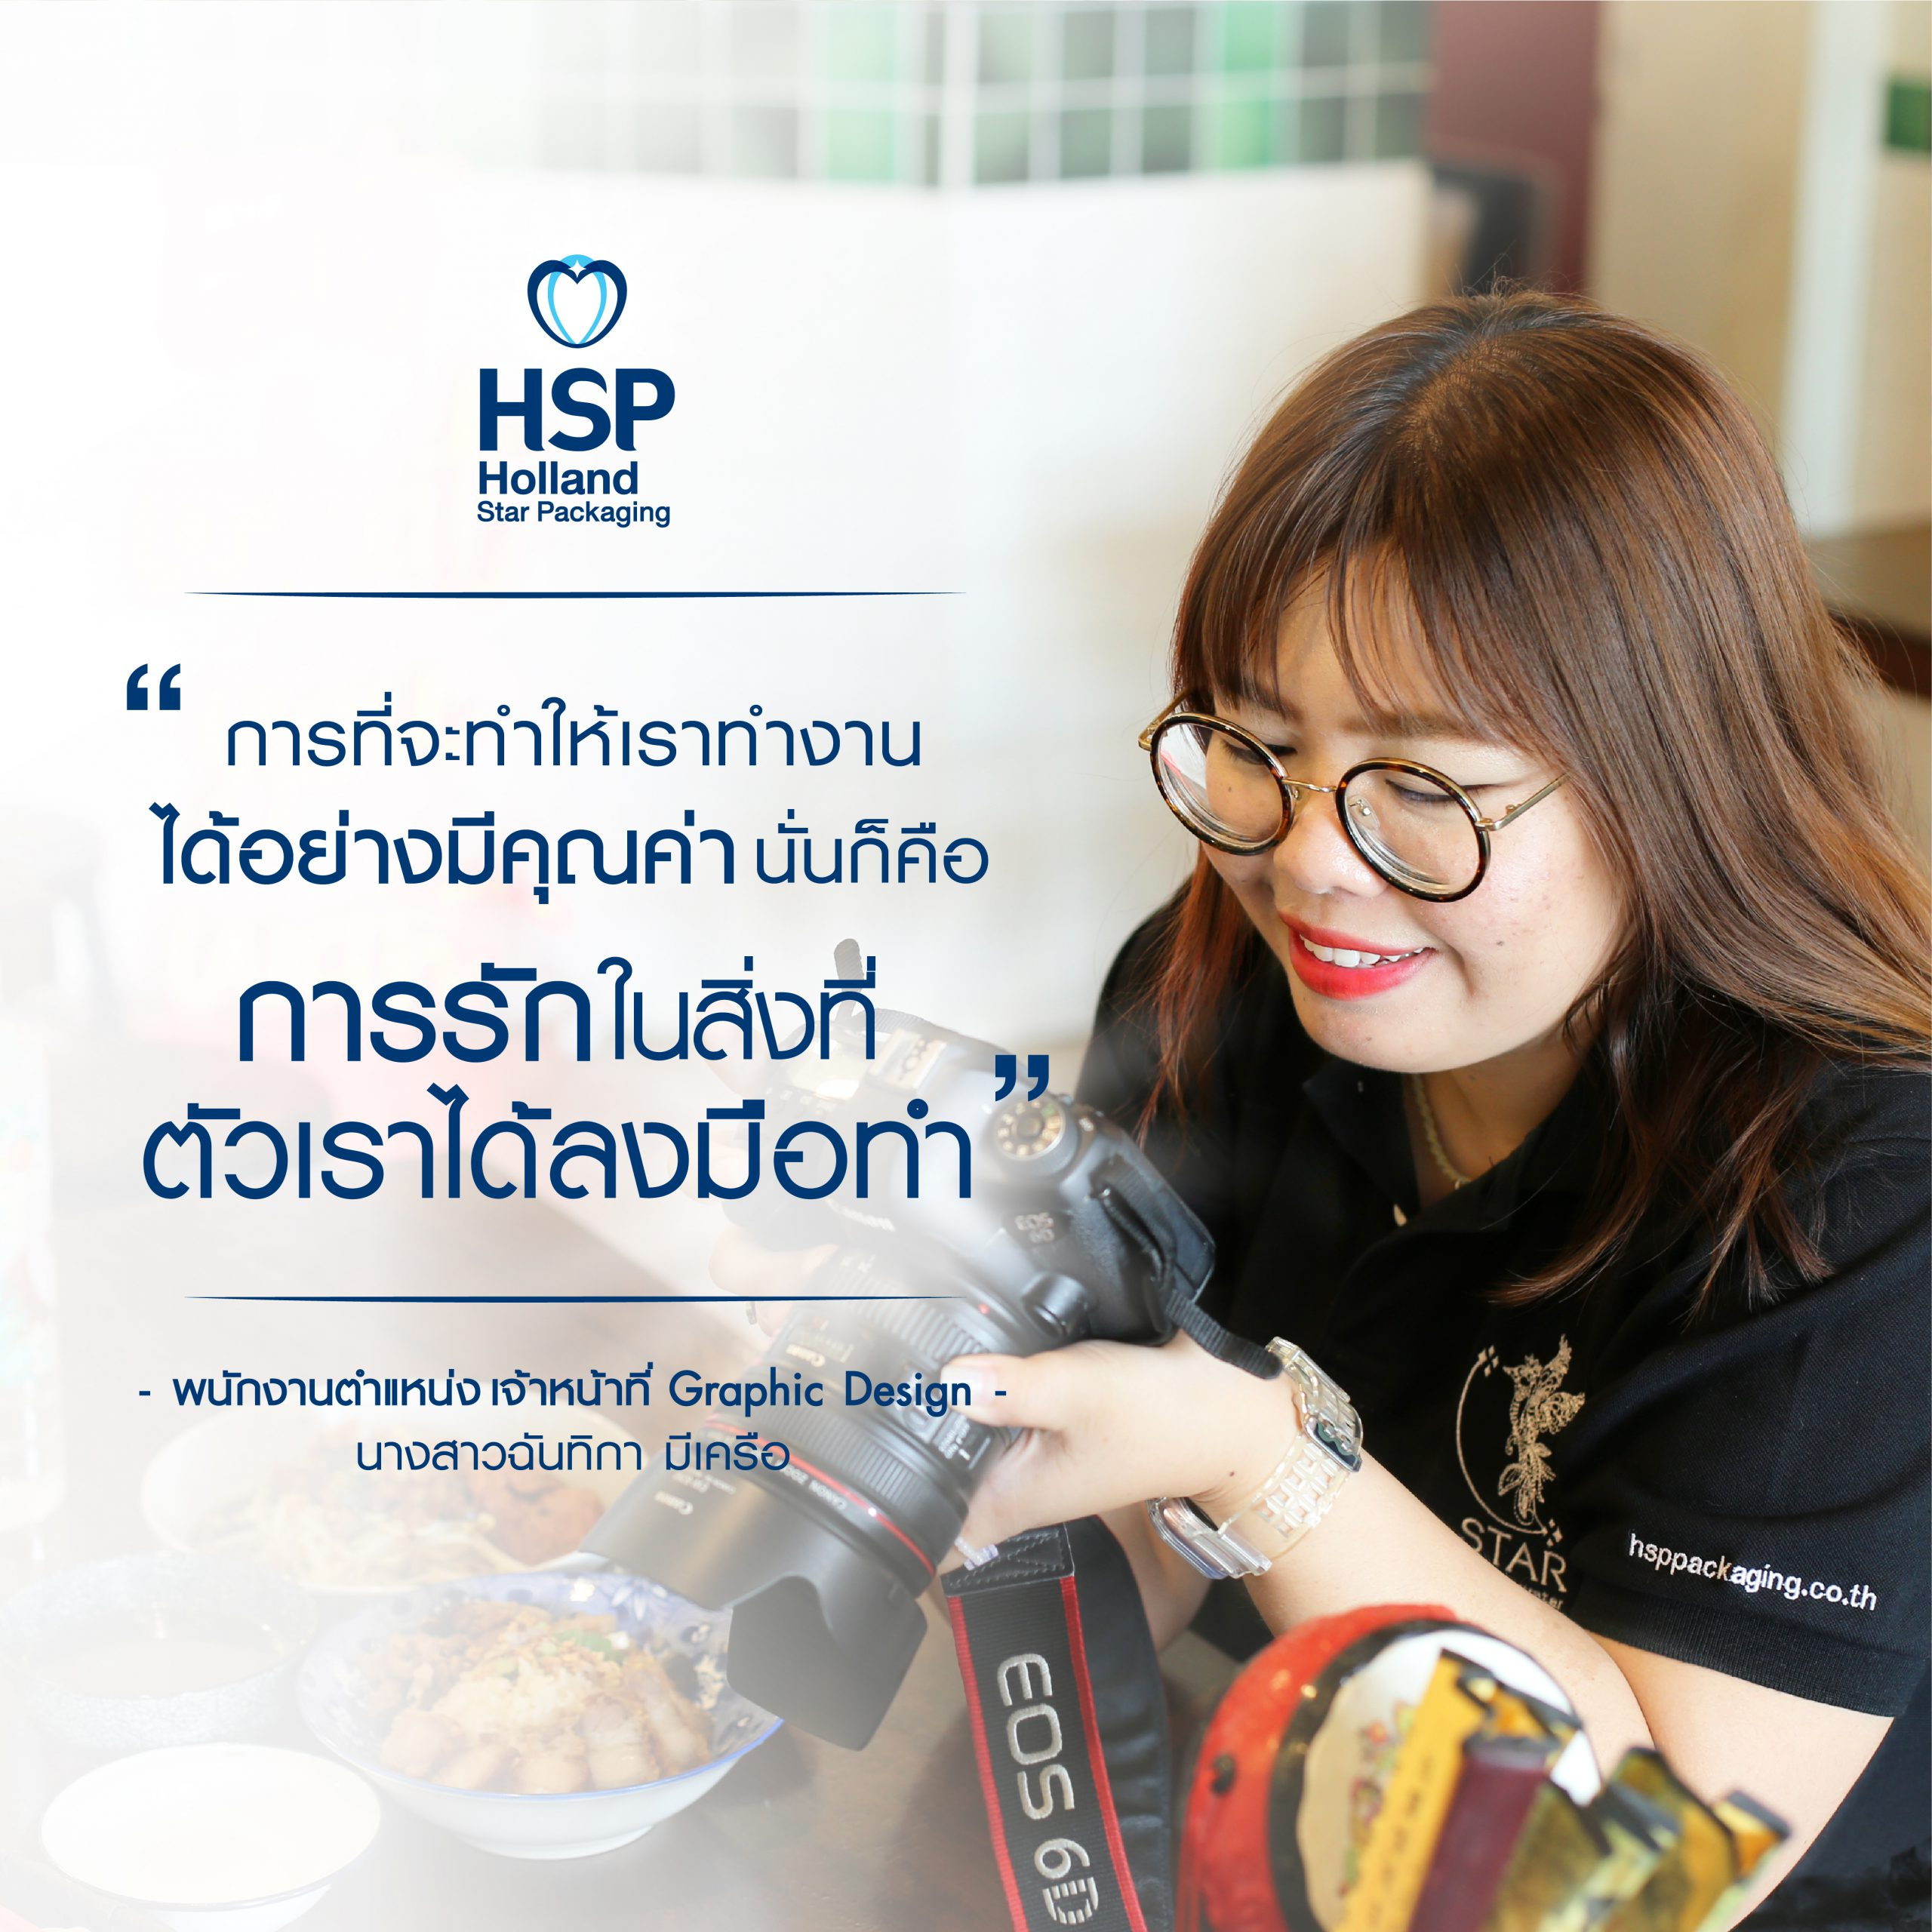 hsp-motto-32-hsppackaging-oem-water